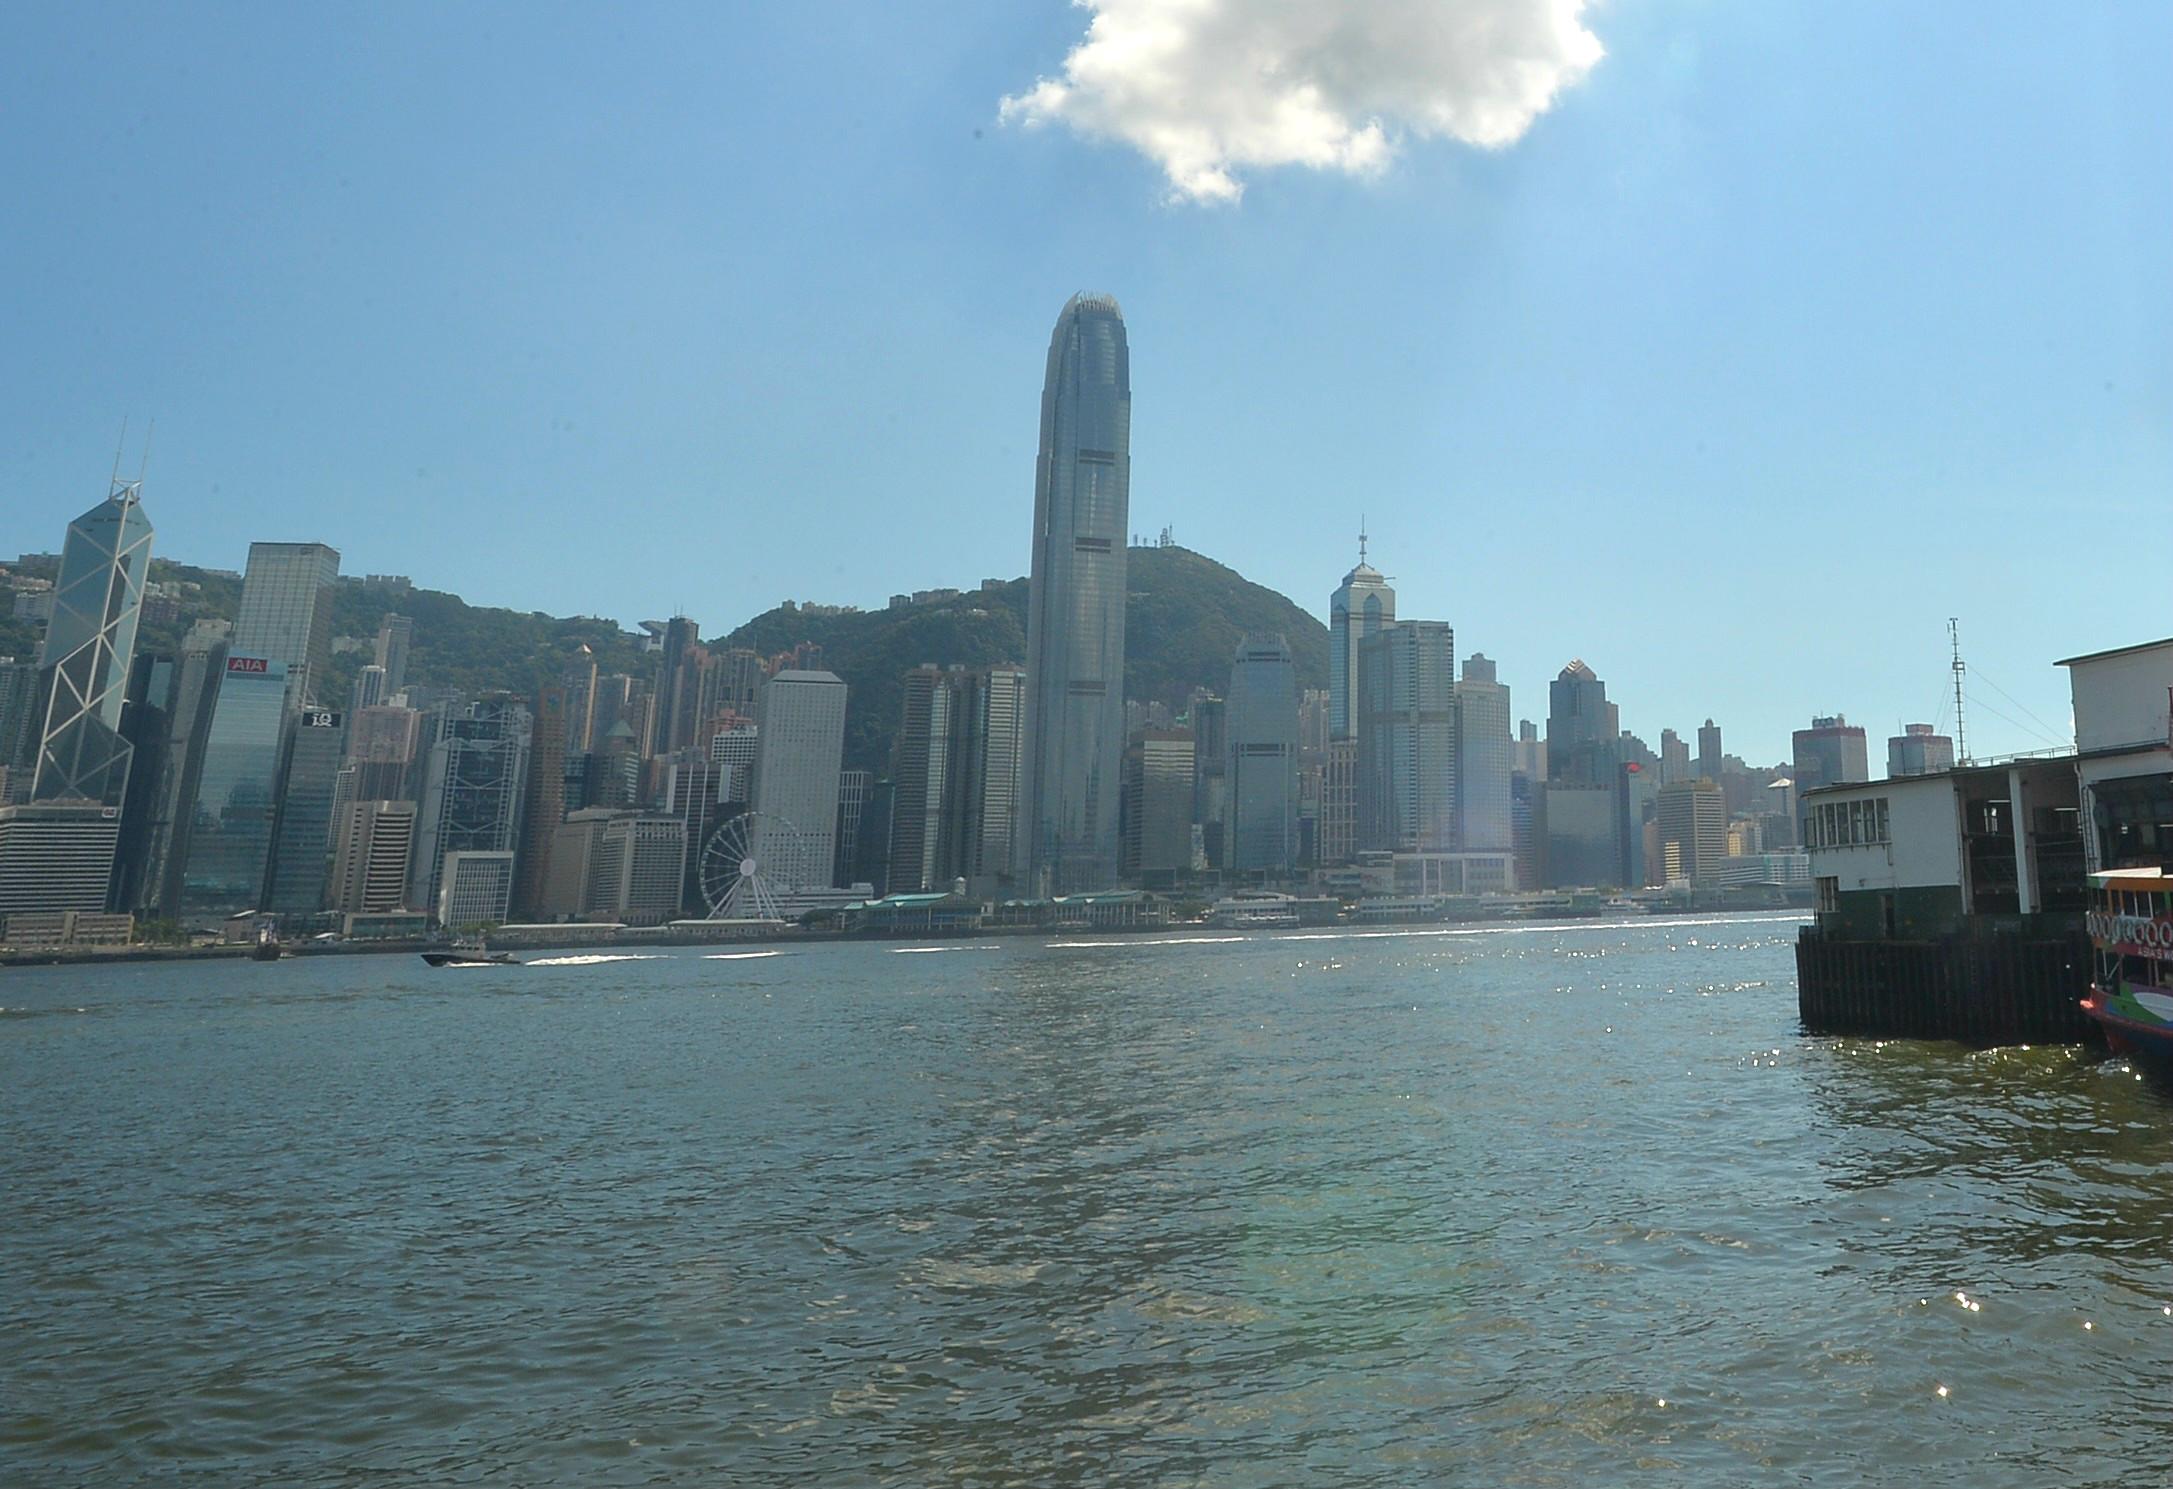 香港政府重申一国两制全面成功落实。资料图片